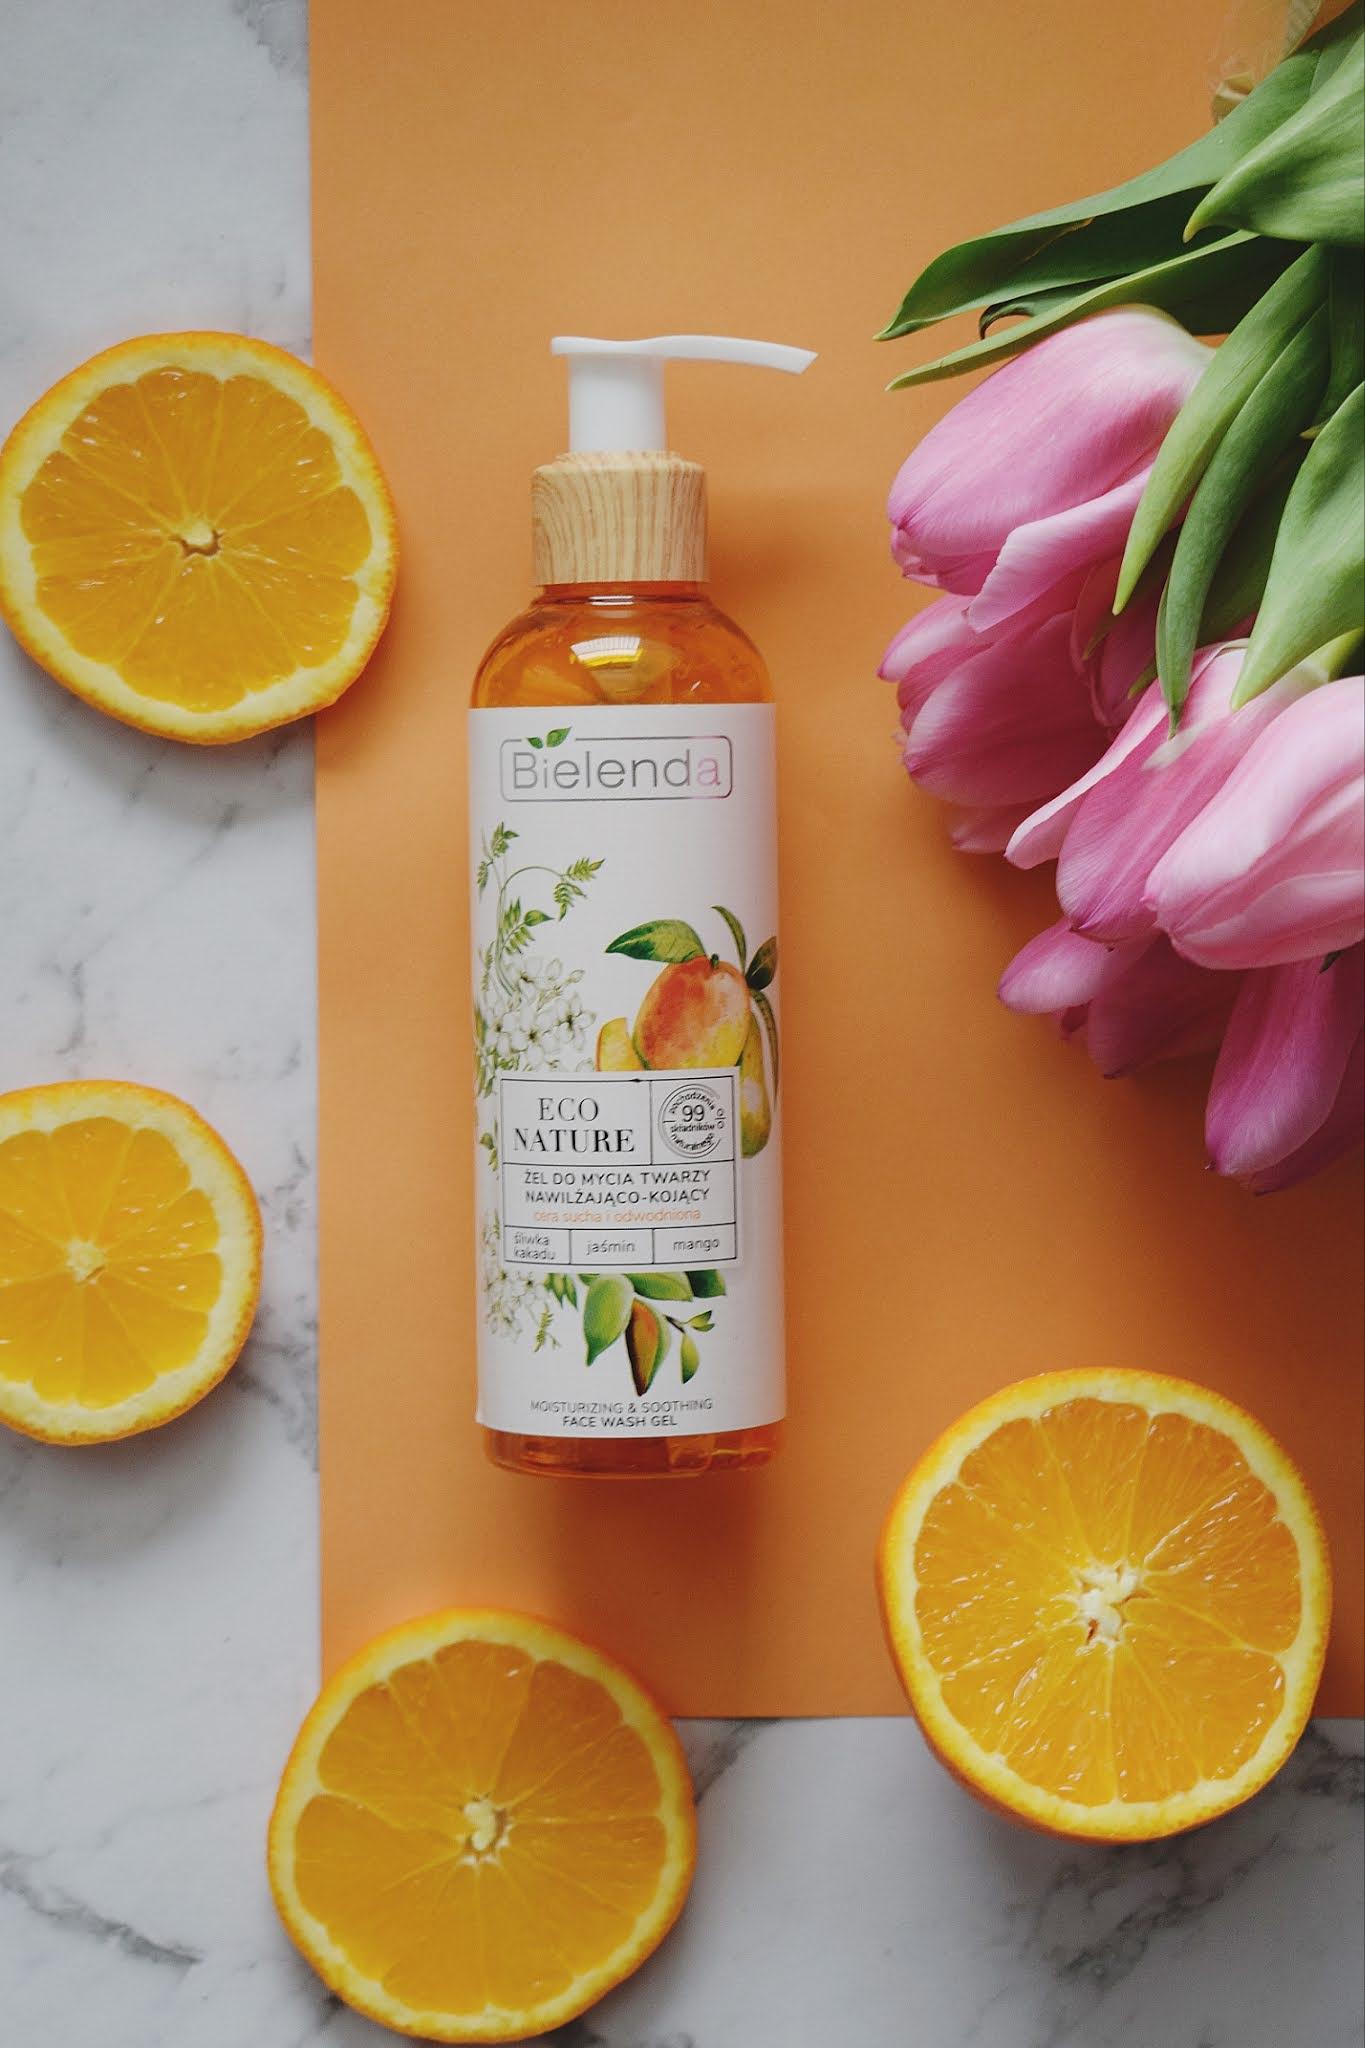 Bielenda eco nature - żel do mycia twarzy nawilżająco - kojący `Śliwka kakadu + jaśmin + mango` - recenzja